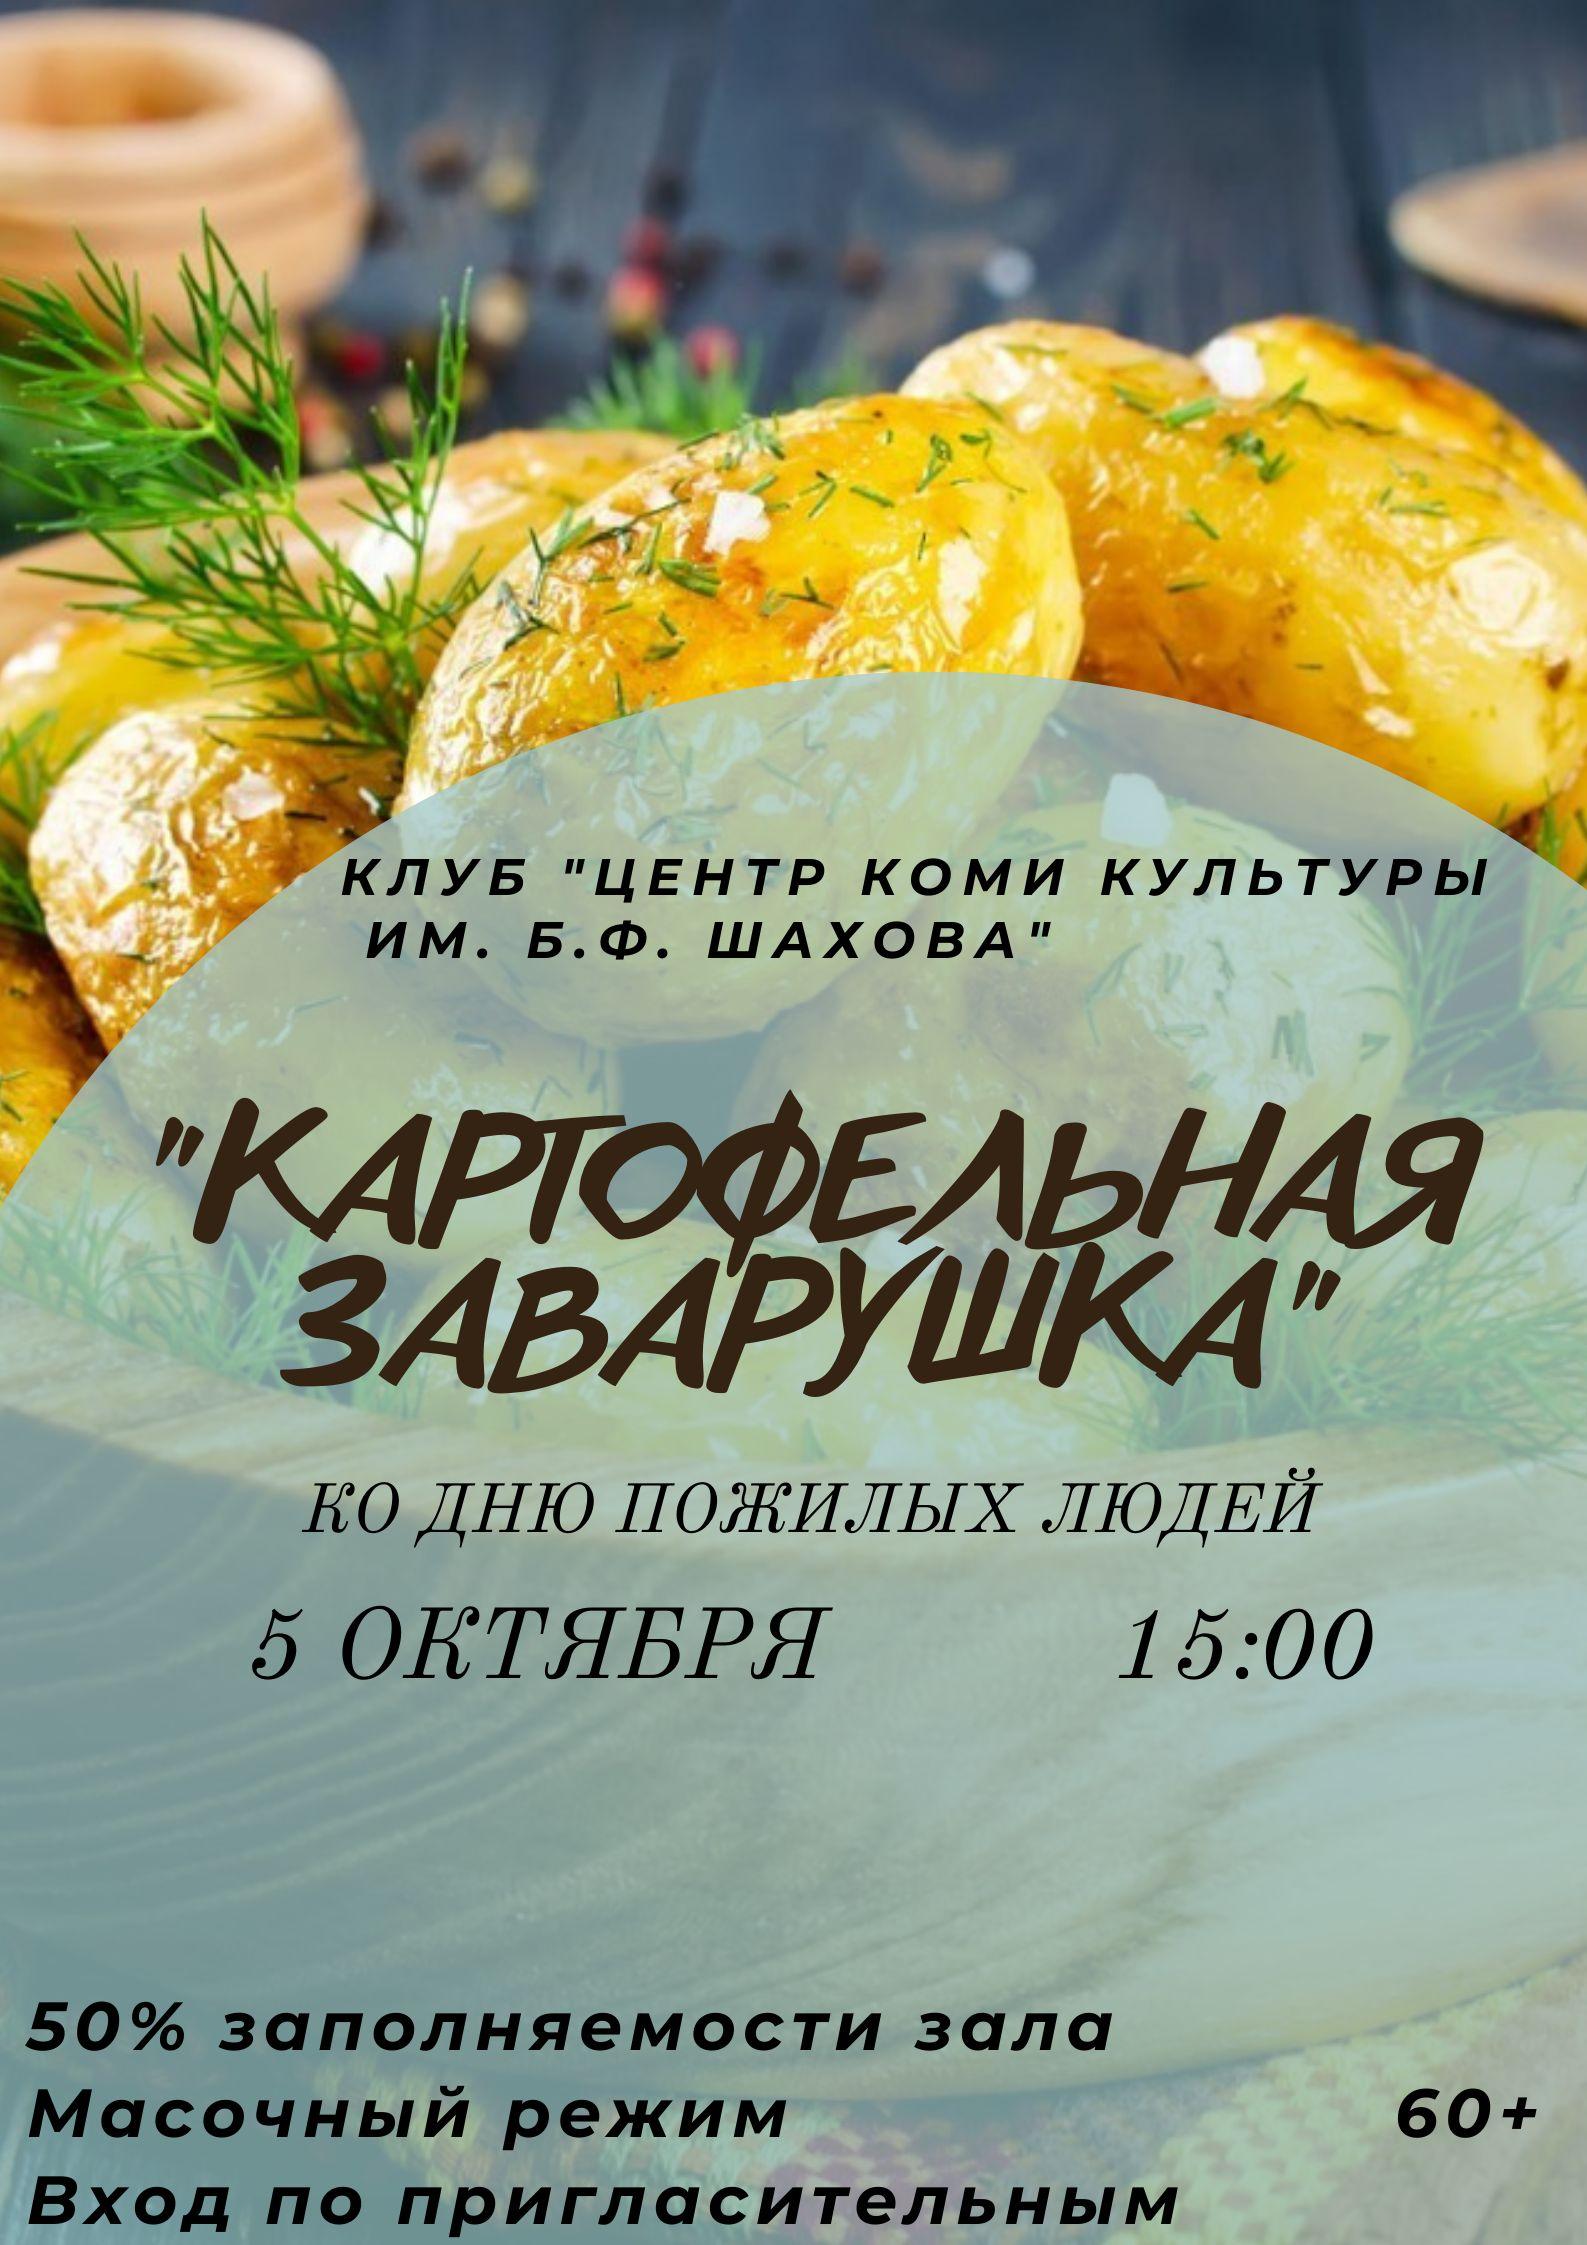 Клуб Центр коми культуры им. Б.Ф. Шахова (1)